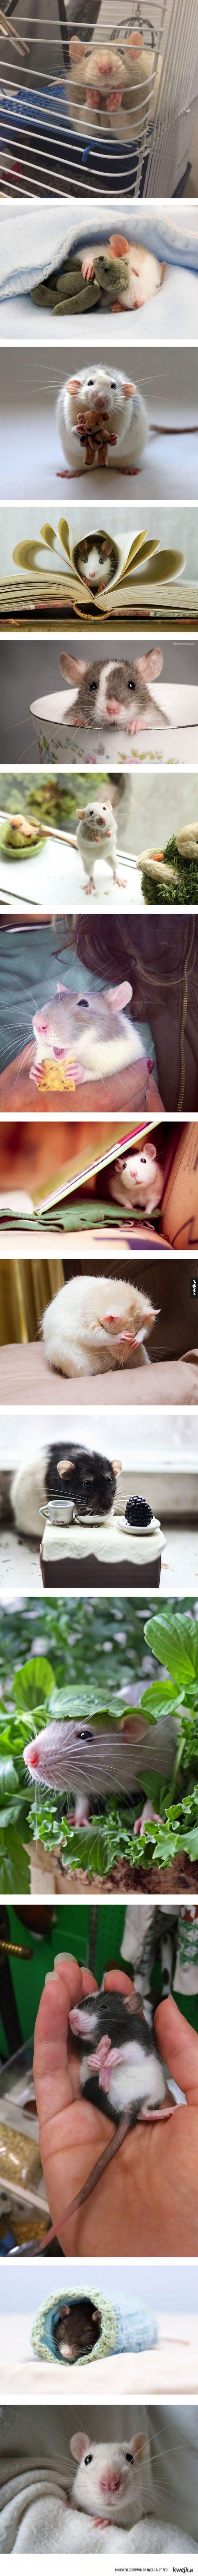 Słodkie szczurki